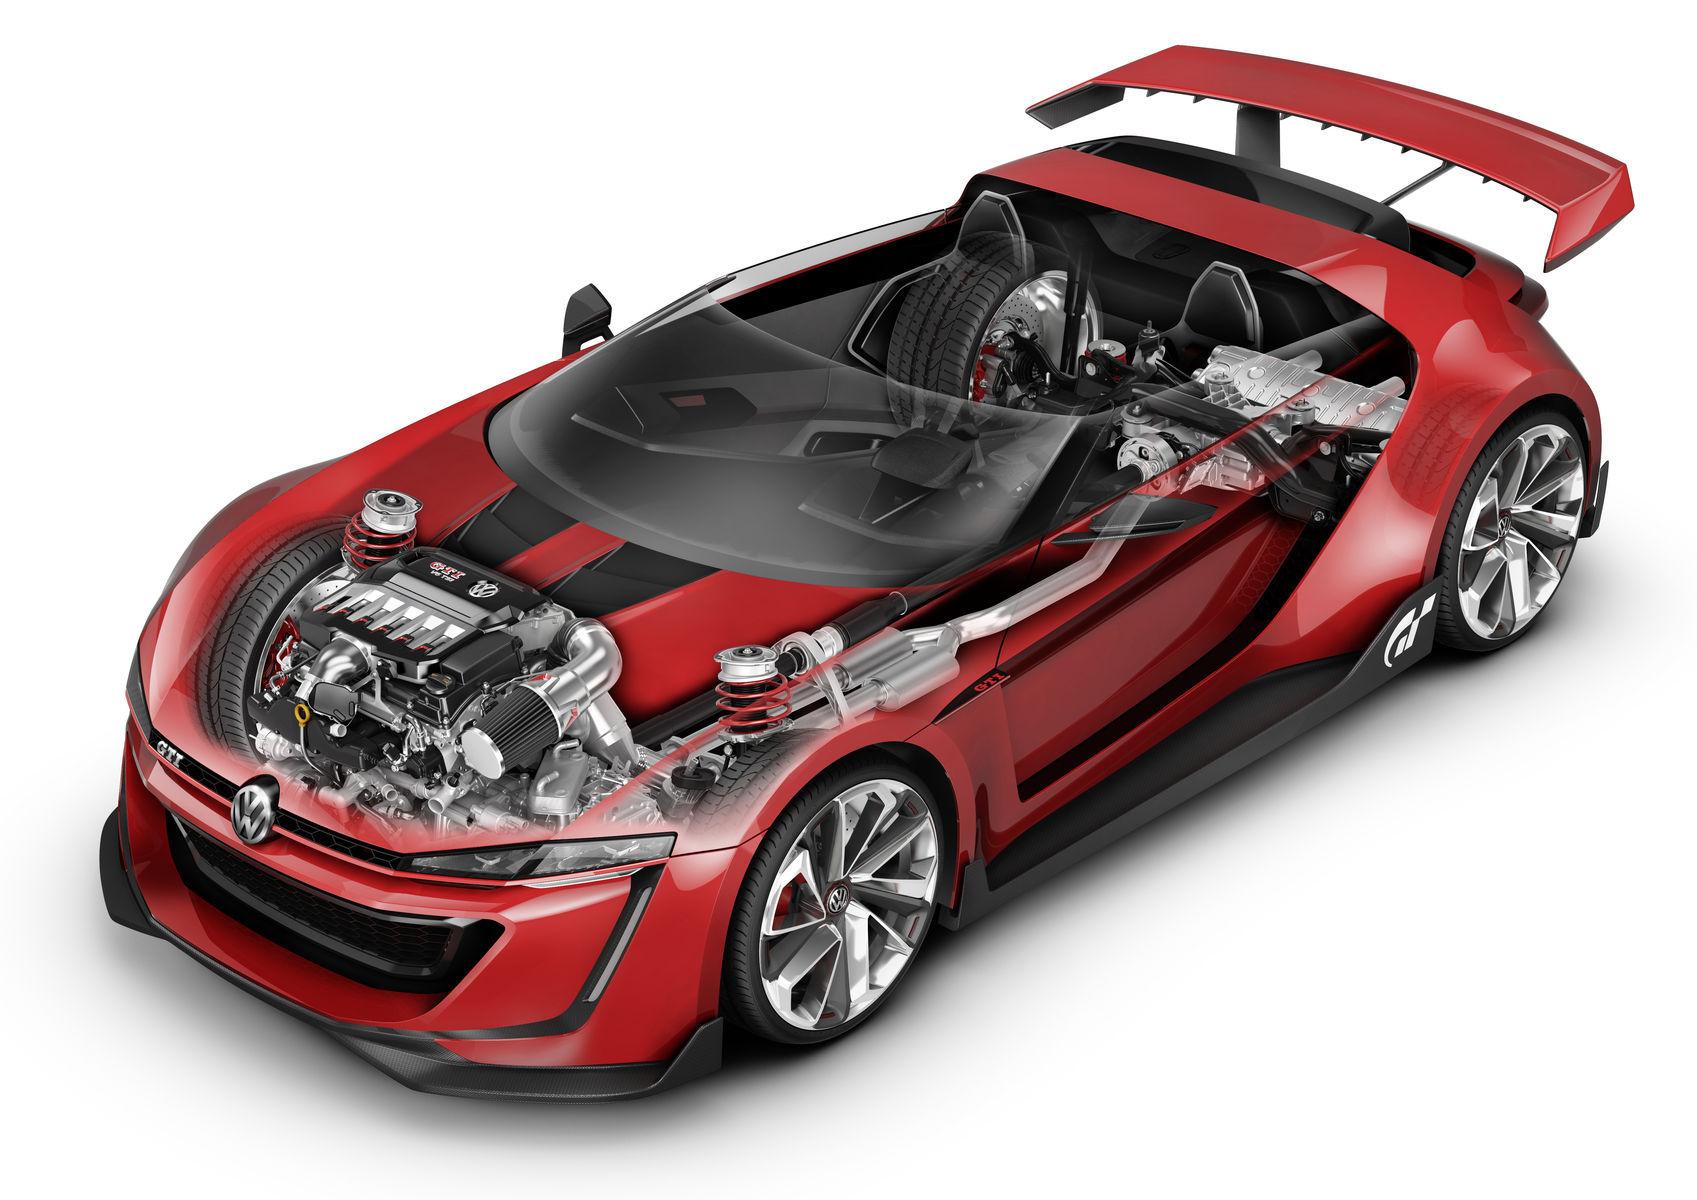 Volkswagen  | Volkswagen GTI Roadster Vision Gran Turismo